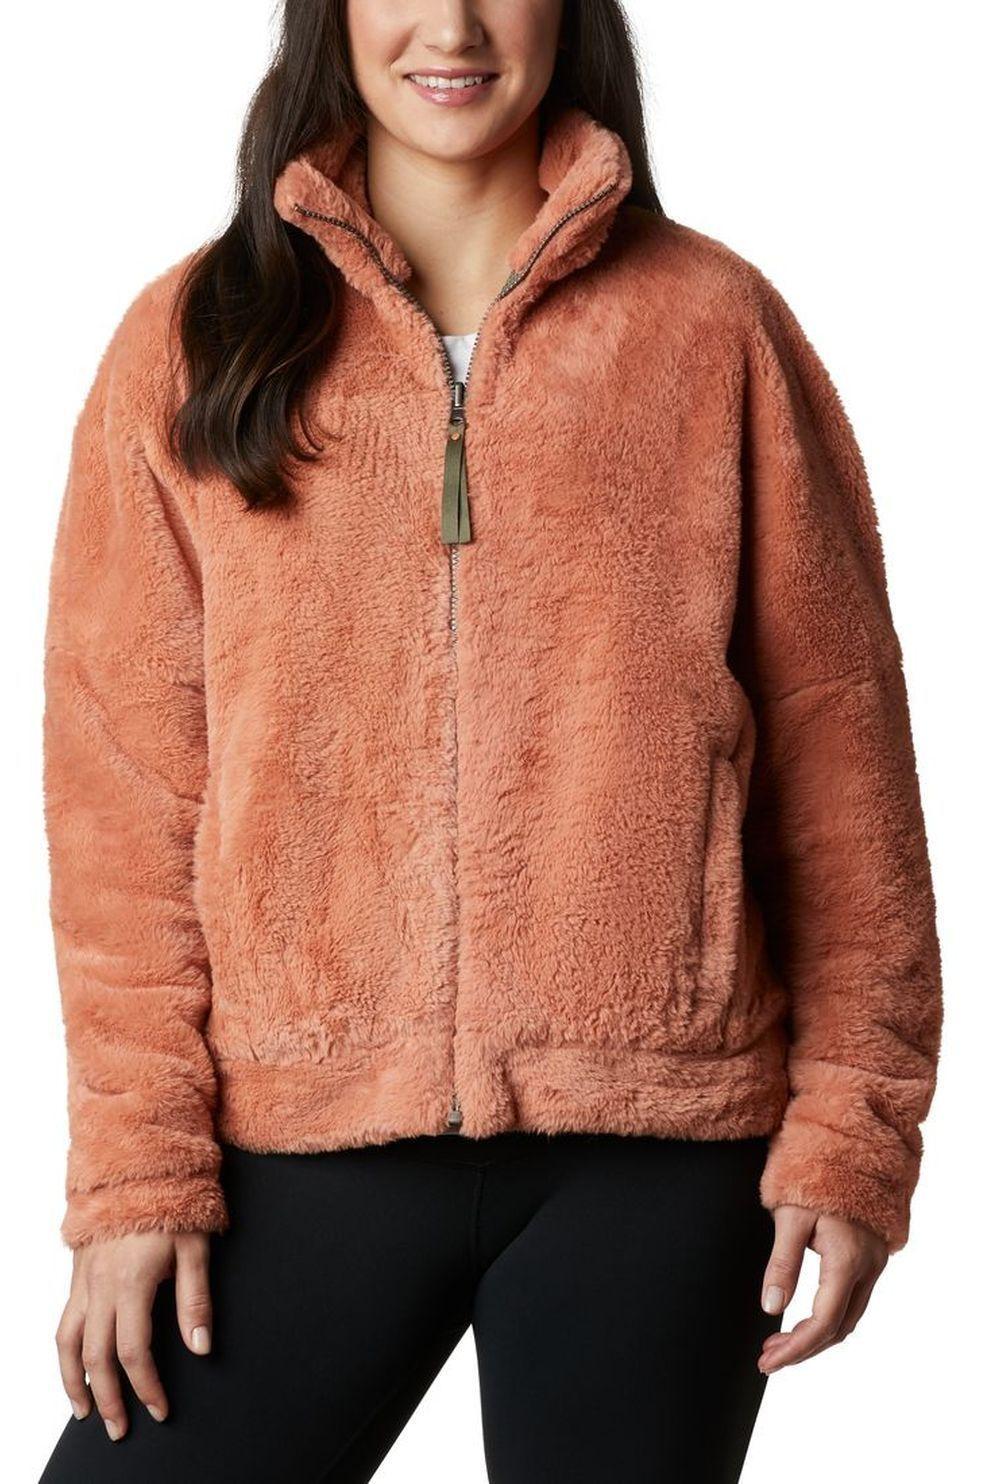 Columbia Fleece Bundle Up voor dames - Roze - Maten: XS, S, M, L